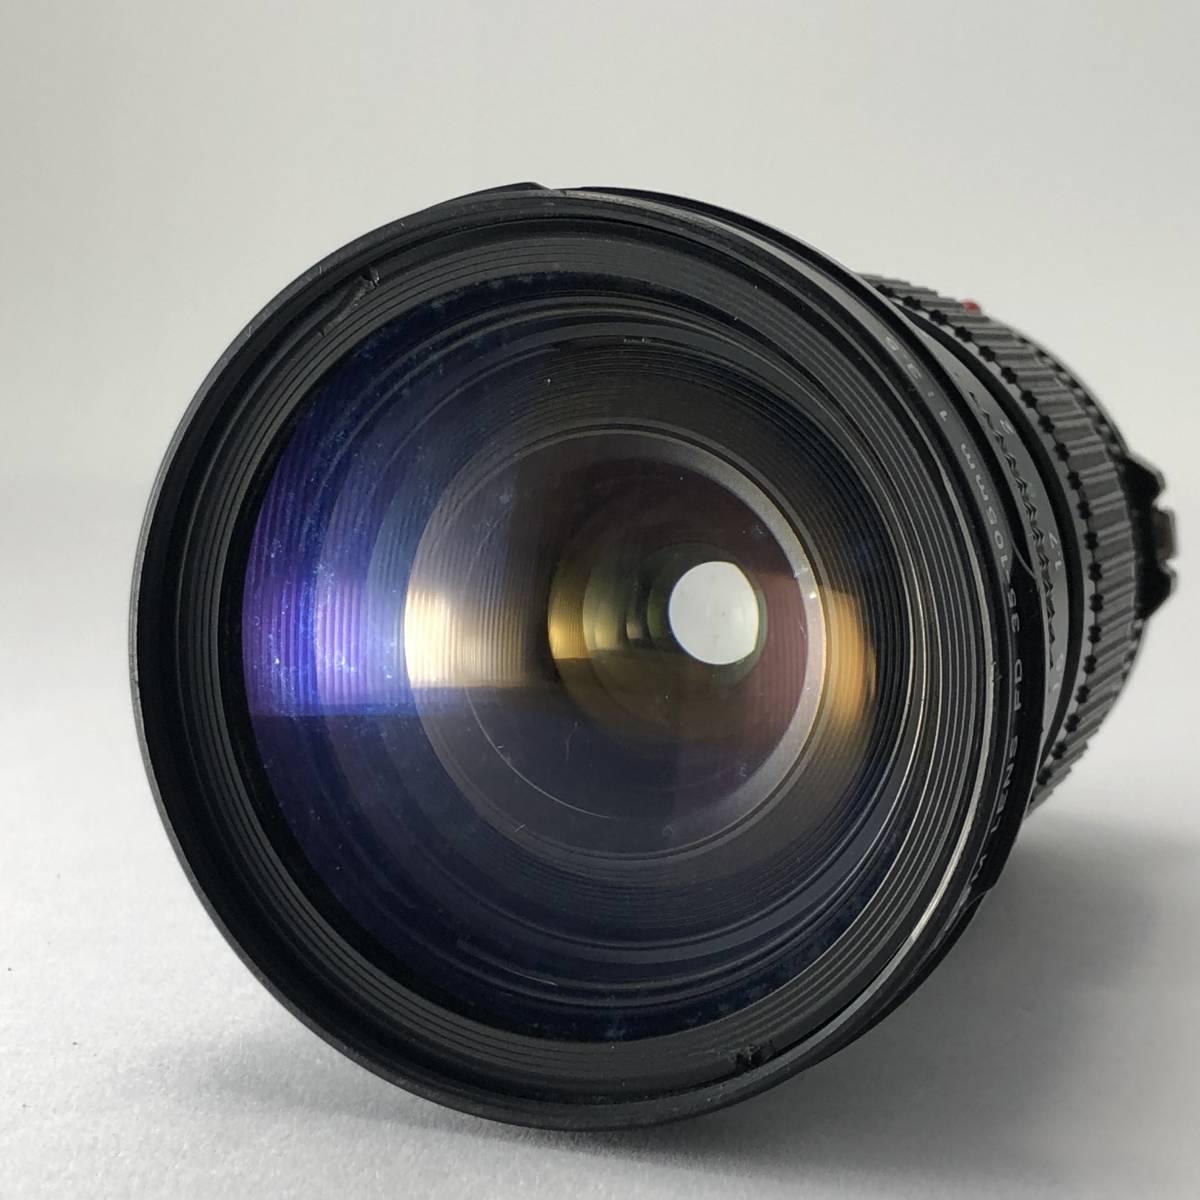 キャノン Canon FTb カメラ FD S.S.C. SSC 50mm 1.4 / FD S.S.C. SSC 24mm 2.8 / FD 35-105mm 3.5 レンズ セット no.A1_画像8